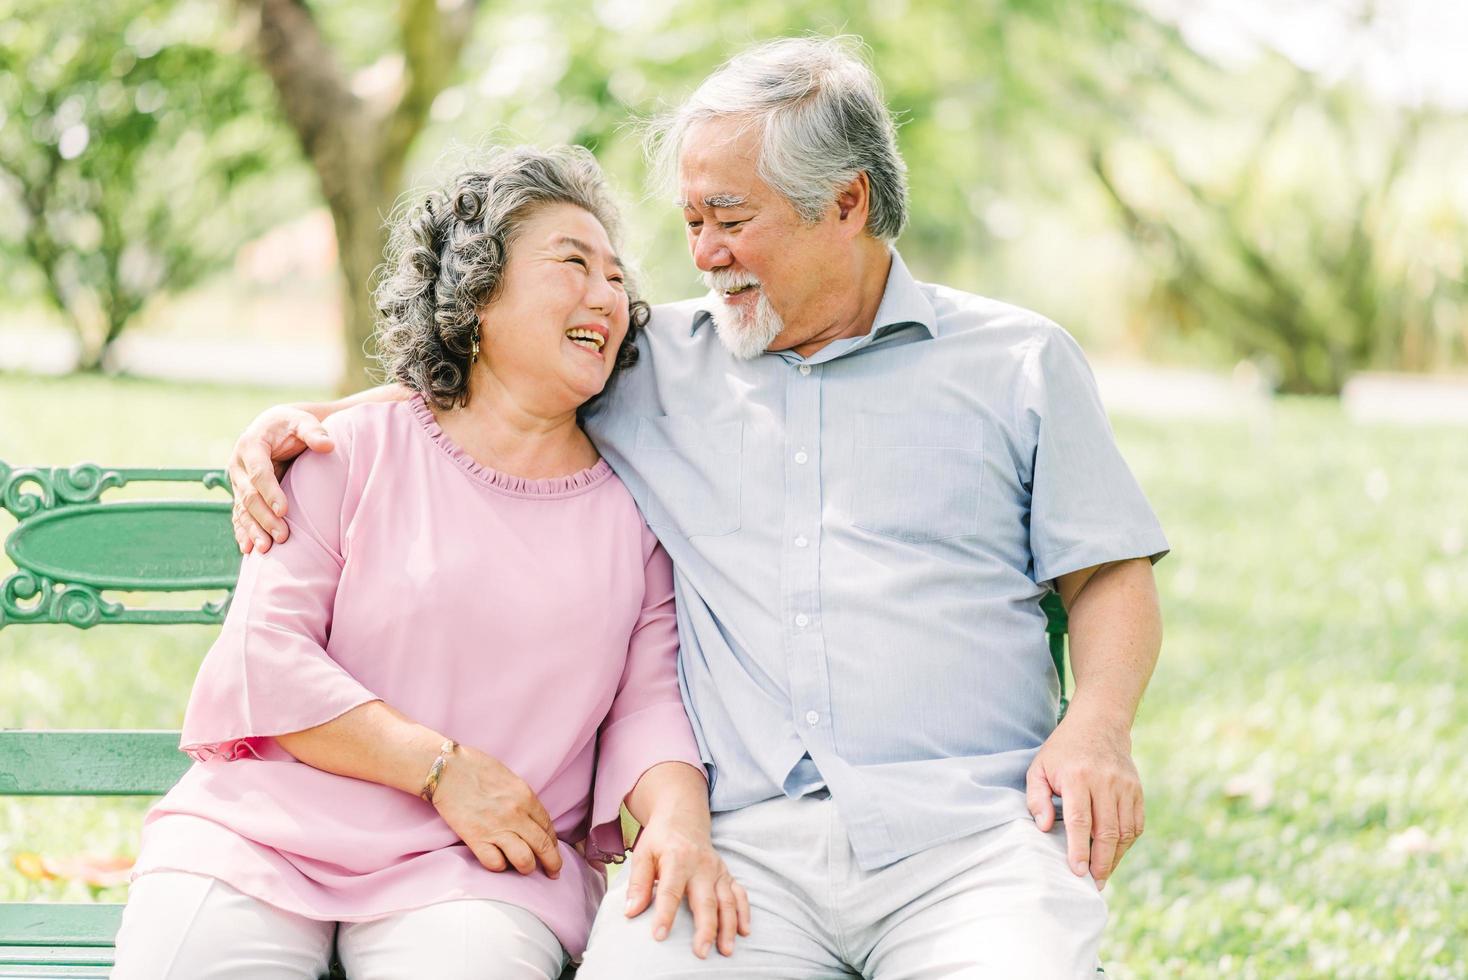 glückliches älteres Paar im Park foto